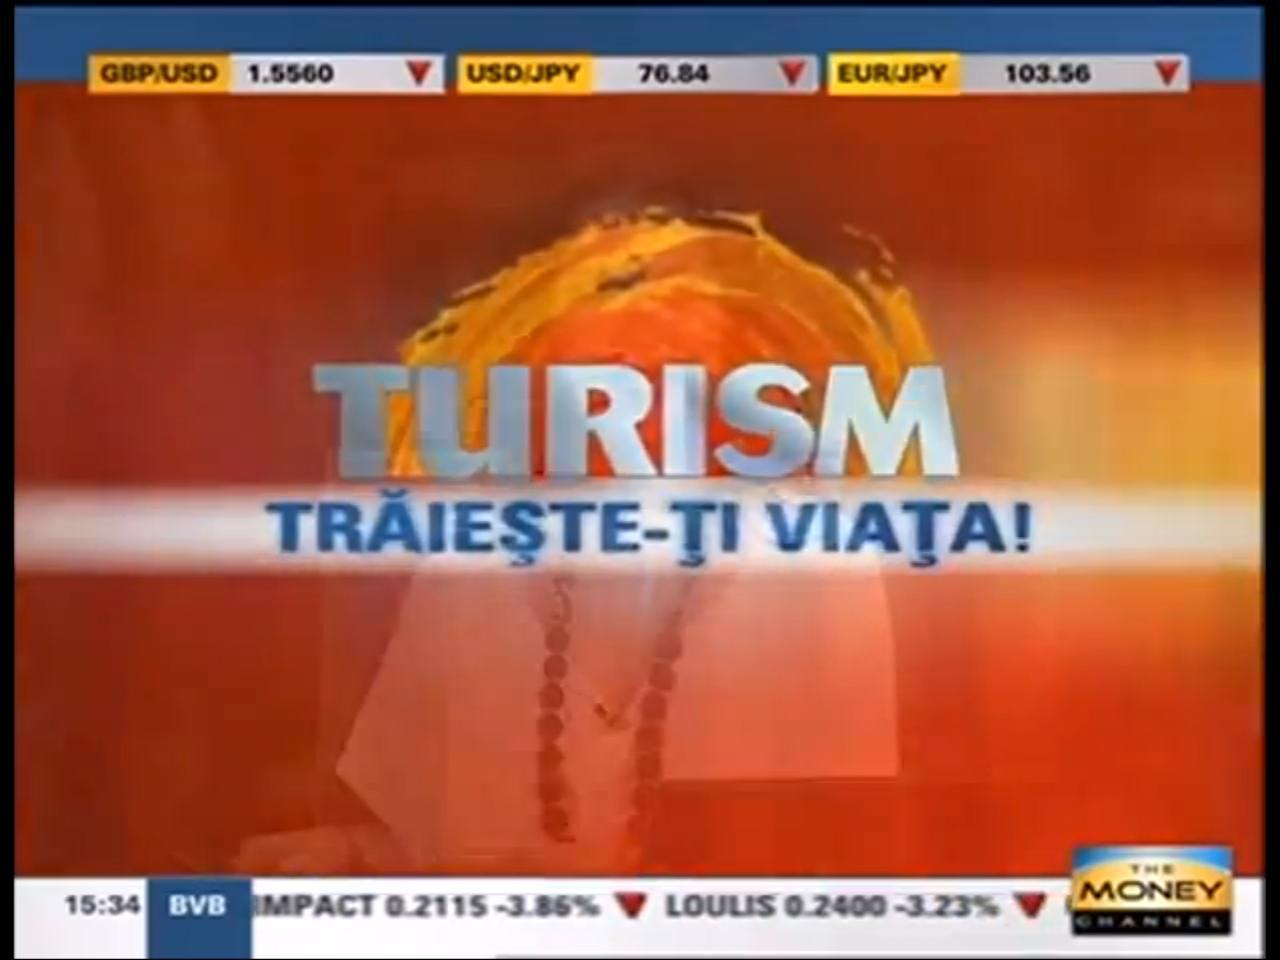 Inregistrare emisiunea de turism Traieste-ti viata - editia pilot, 7 octombrie 2011